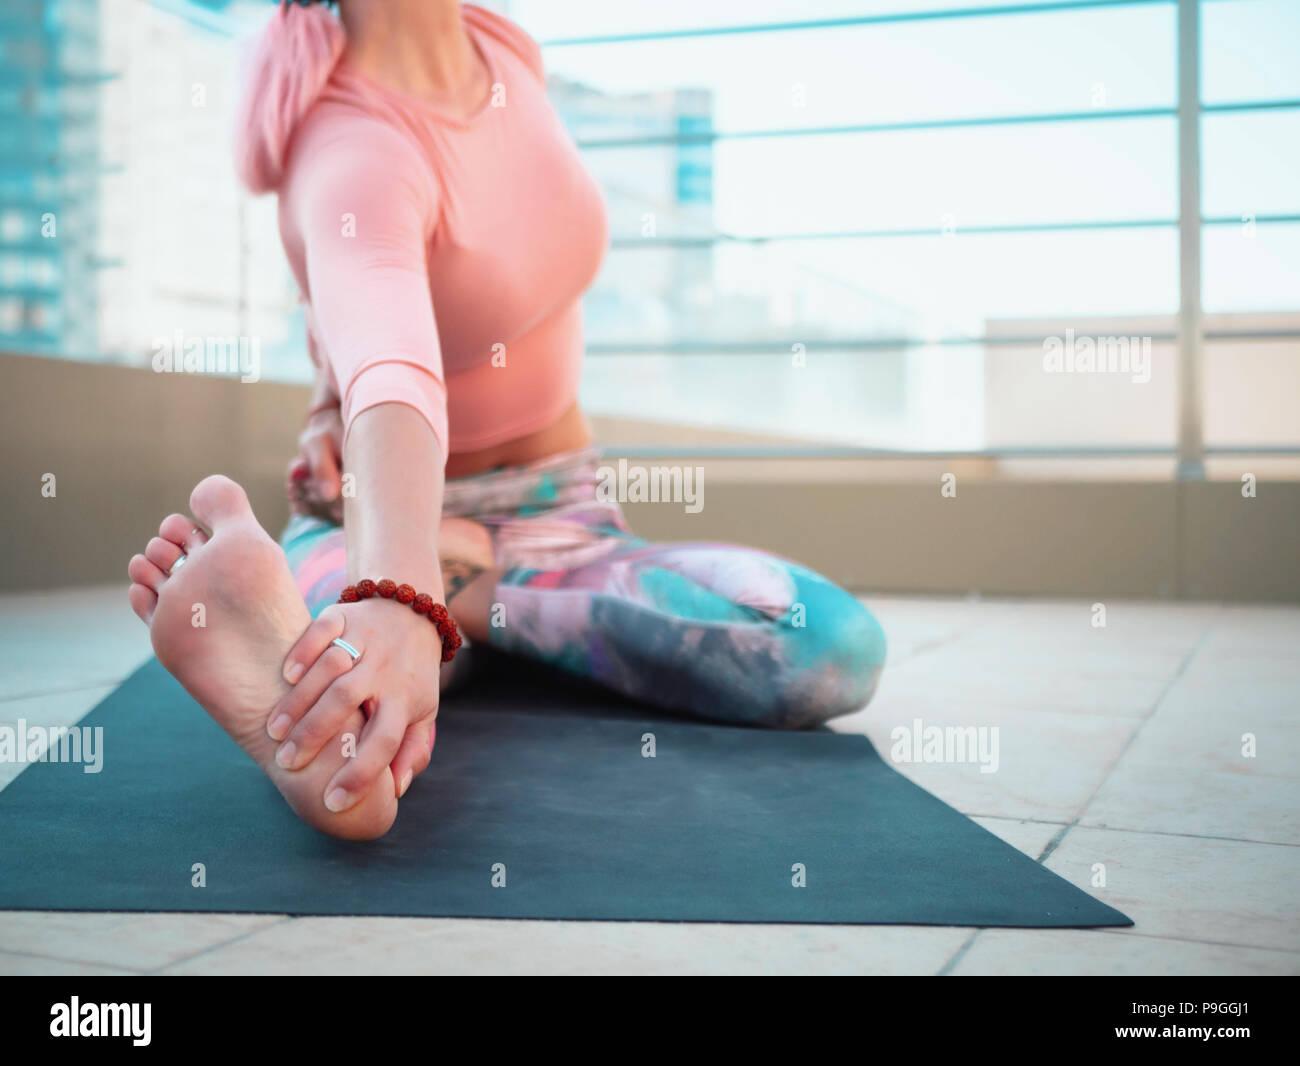 Junge schlanke Frau mit rosa gefärbten Haaren Yoga Praxis auf der Terrasse der modernen Stadt. Mädchen halten fit und gesund Körper entspannen Sie auf der Dachterrasse während der Praxis darstellen, Stockfoto